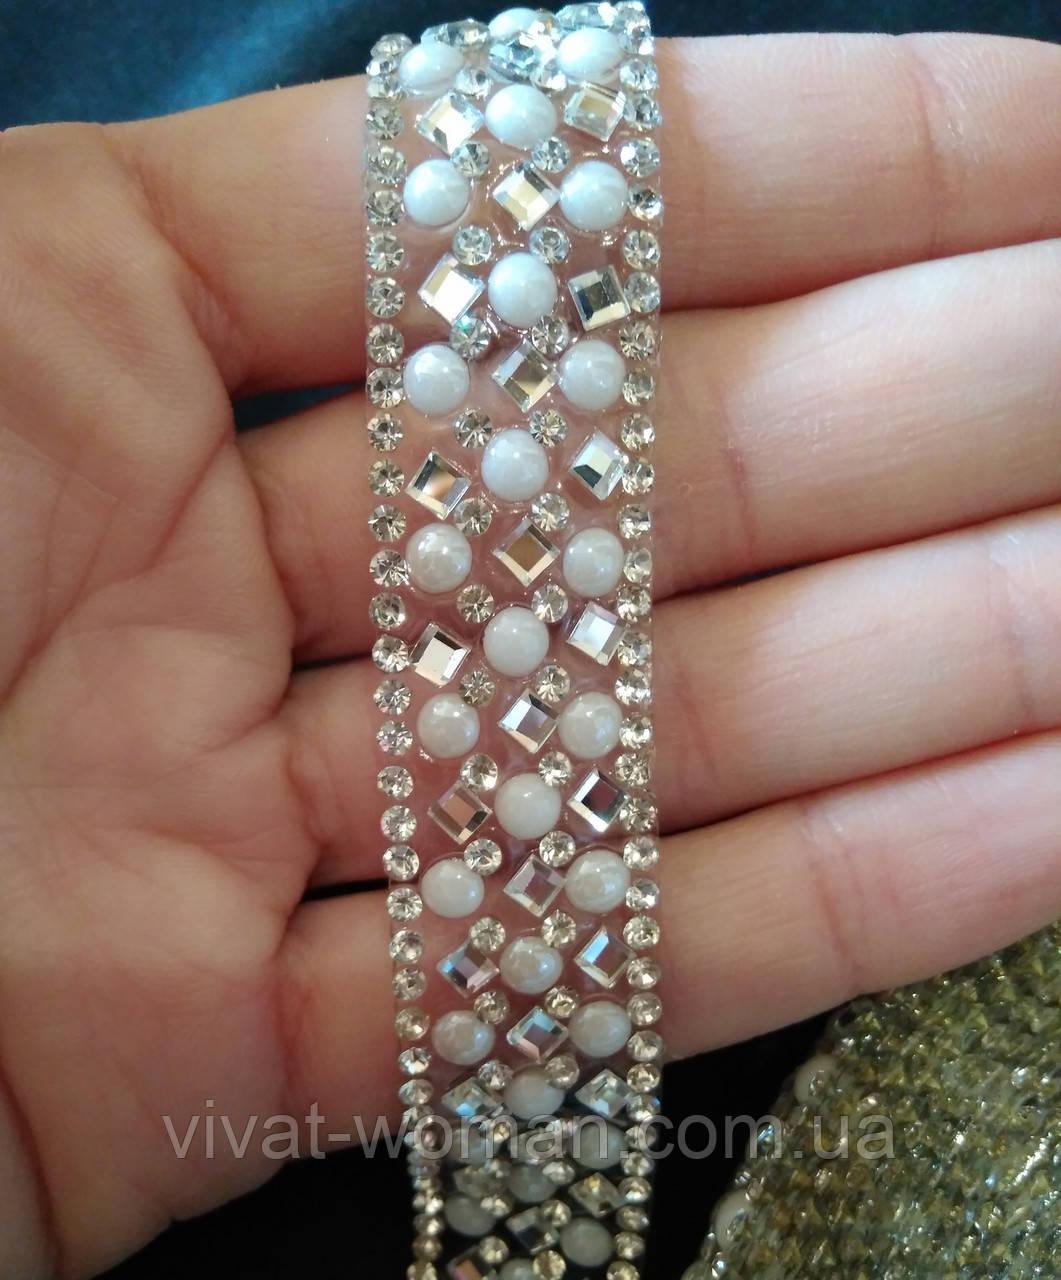 Тасьма гарячої фіксації. Стрази Crystal і напів-перли, шир. 1,7 див. Ціна за 0,5 м